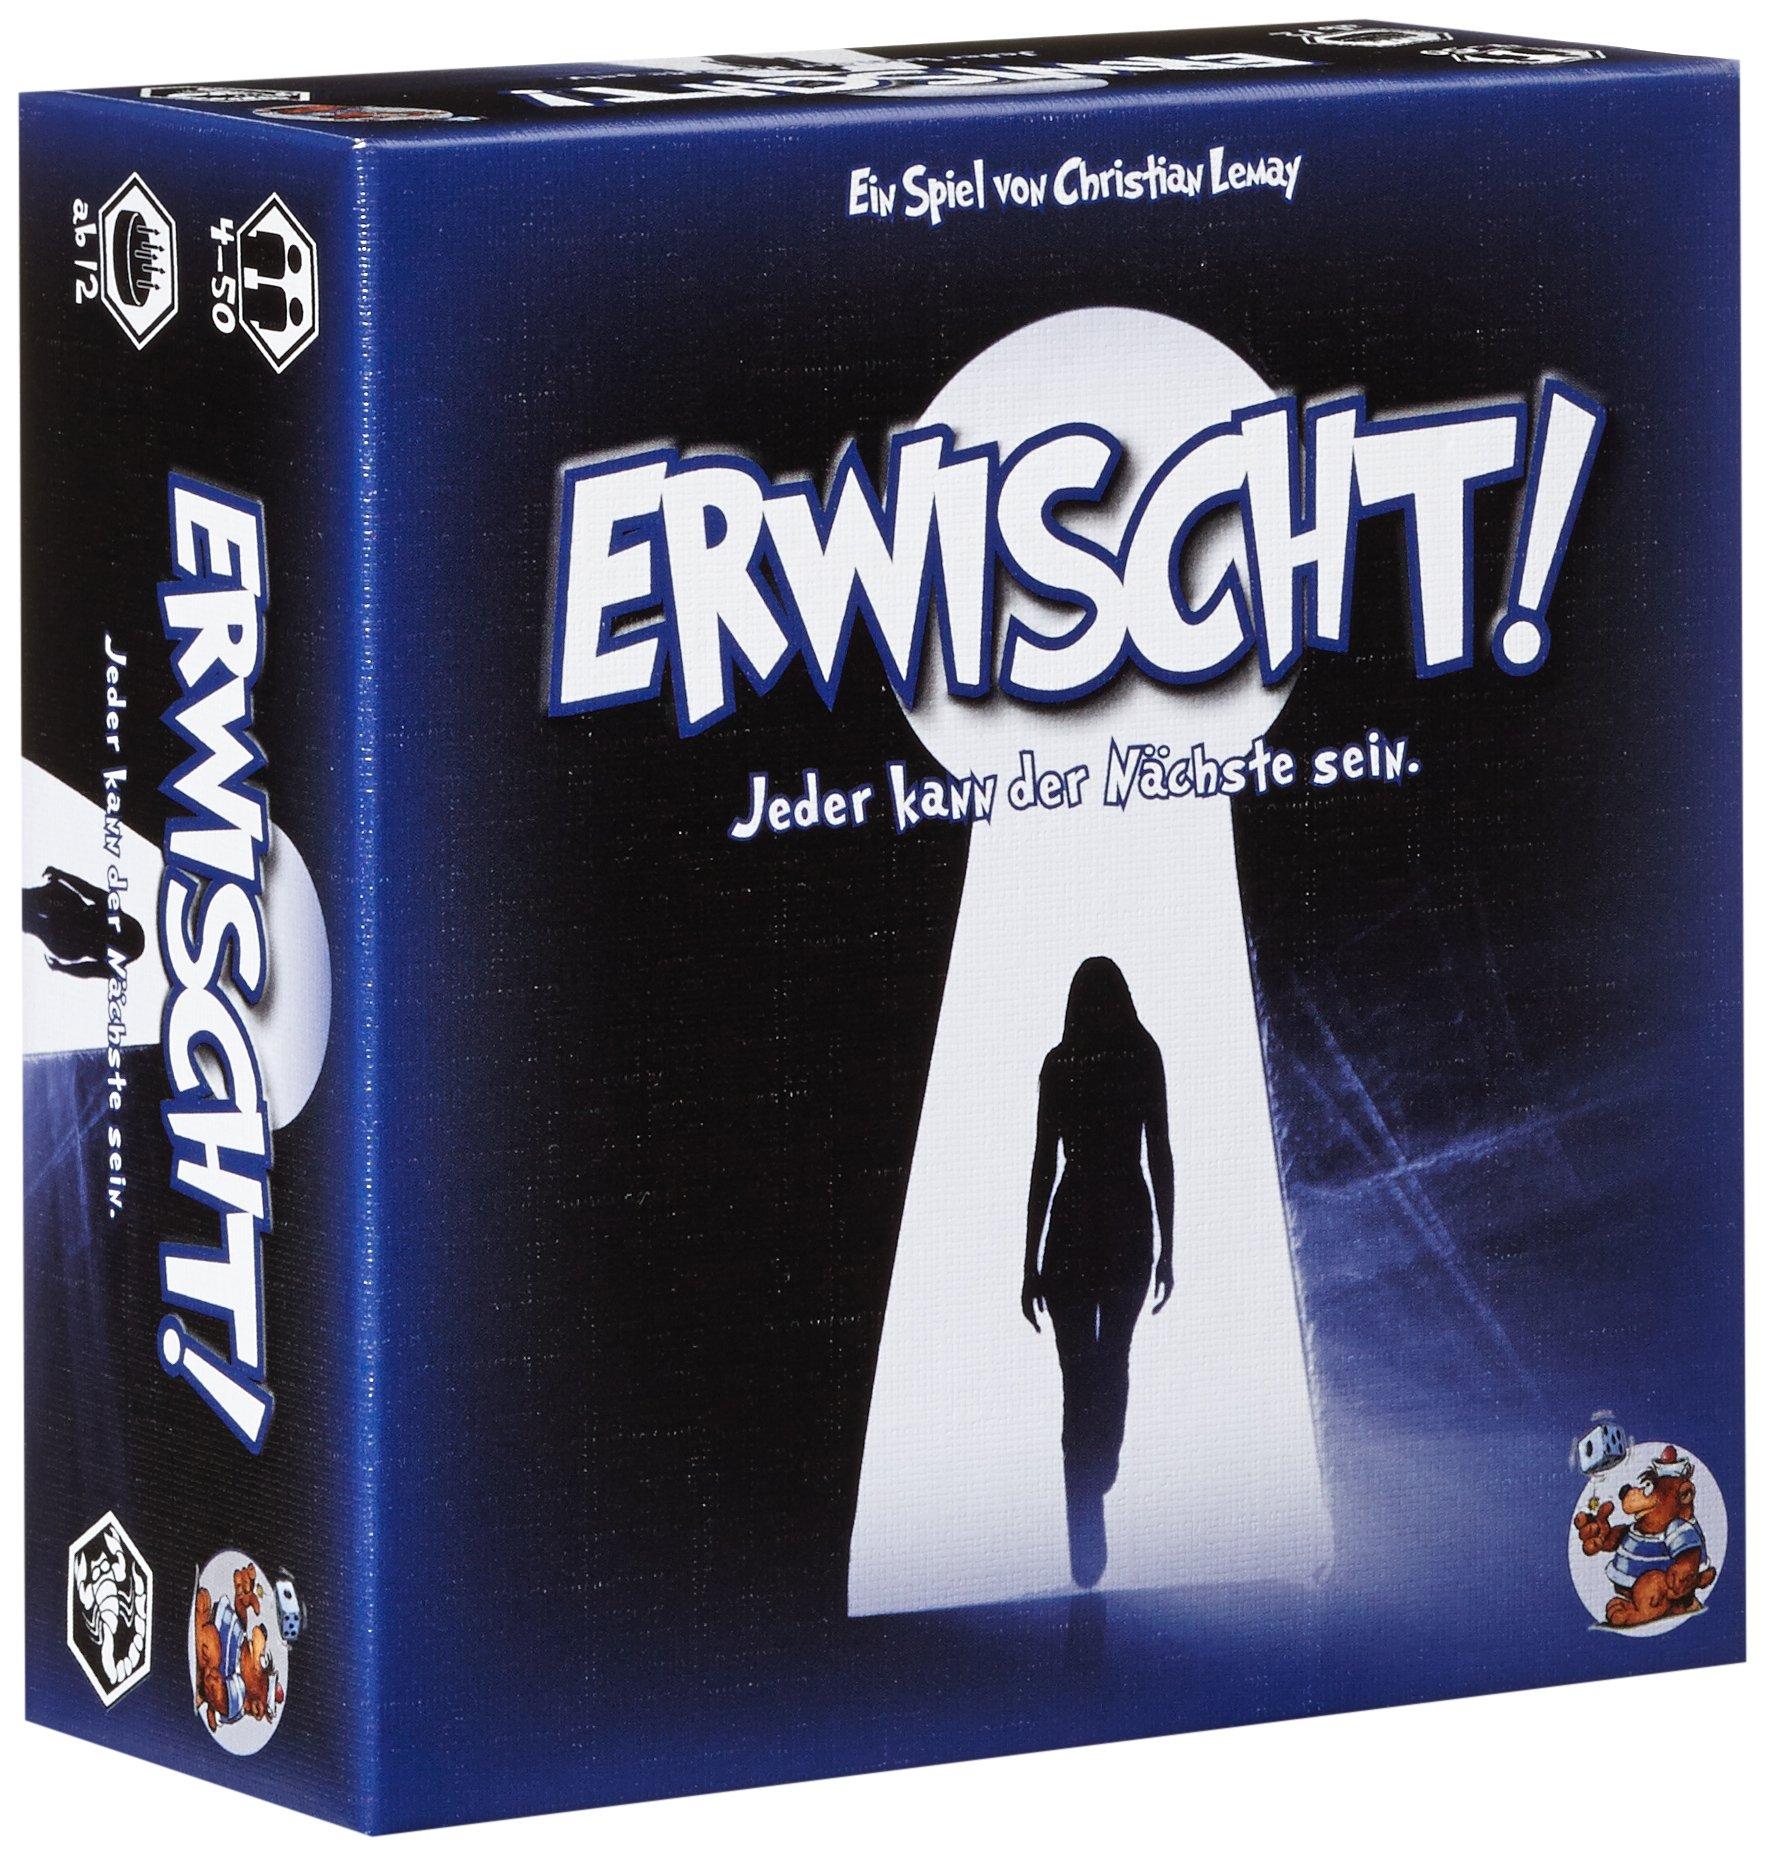 Erwischt! (Kartenspiel) - 91mrlcXSVXL - Erwischt! (Kartenspiel)